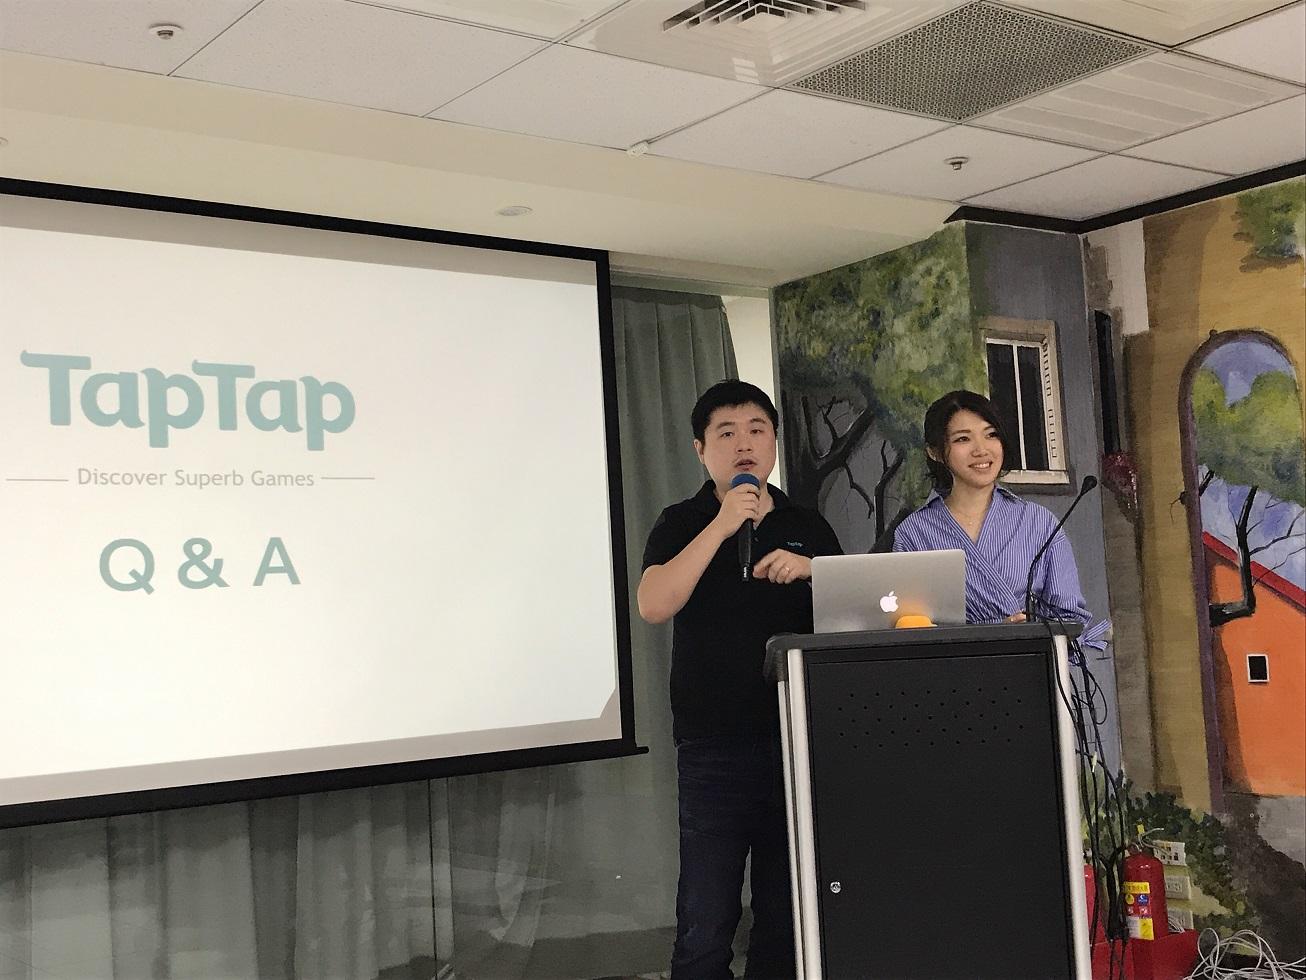 幫助台灣開發者進入大陸市場 TapTap 辦主題沙龍答疑解惑